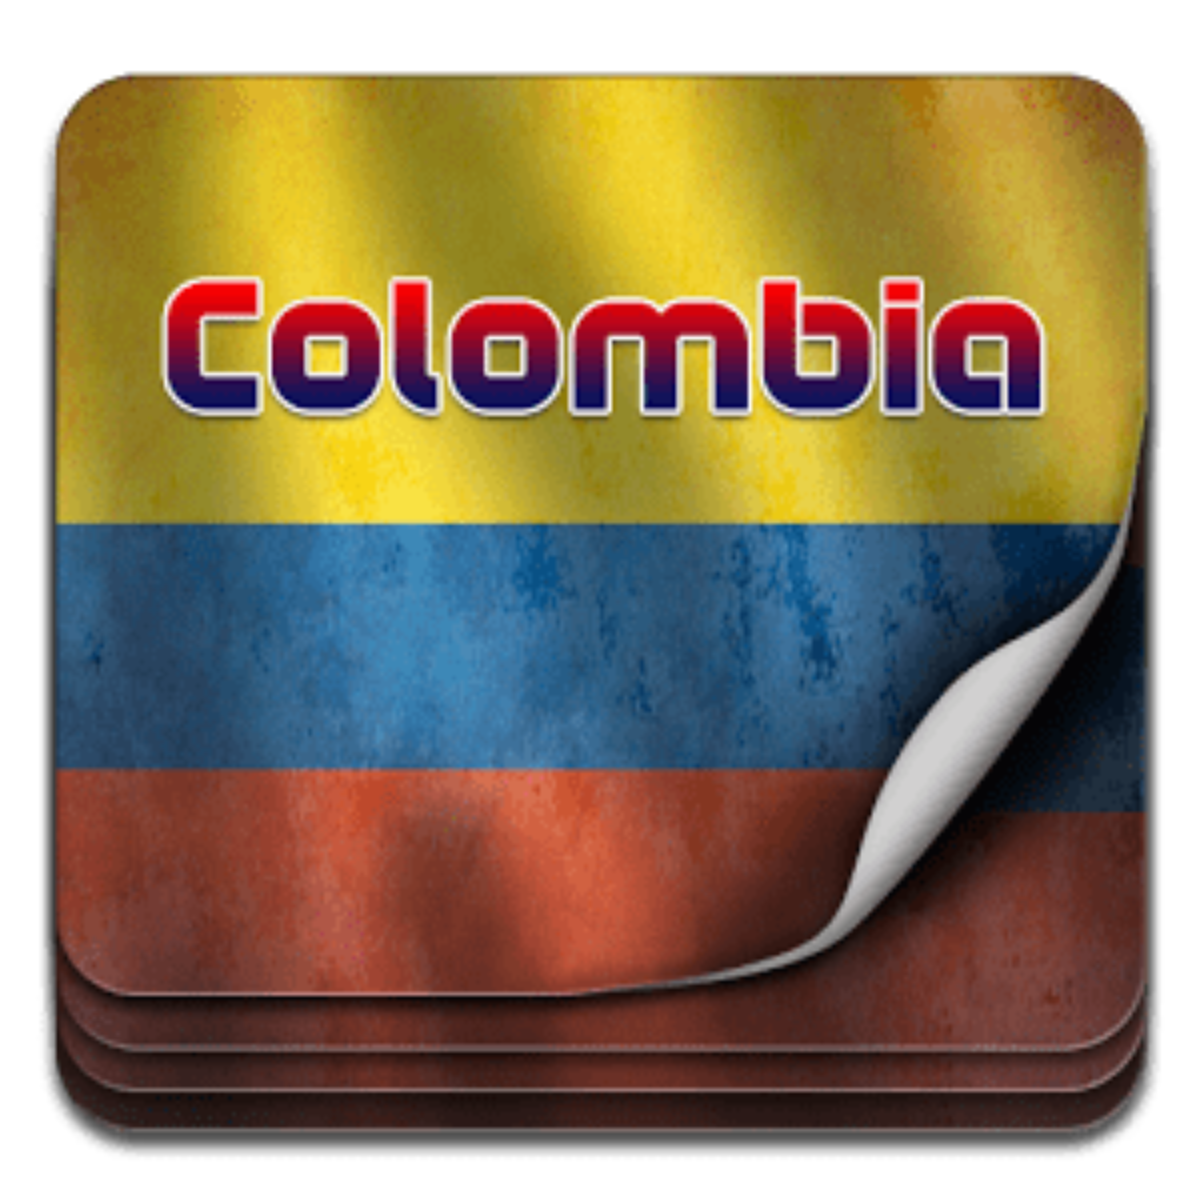 Teclado Colombia